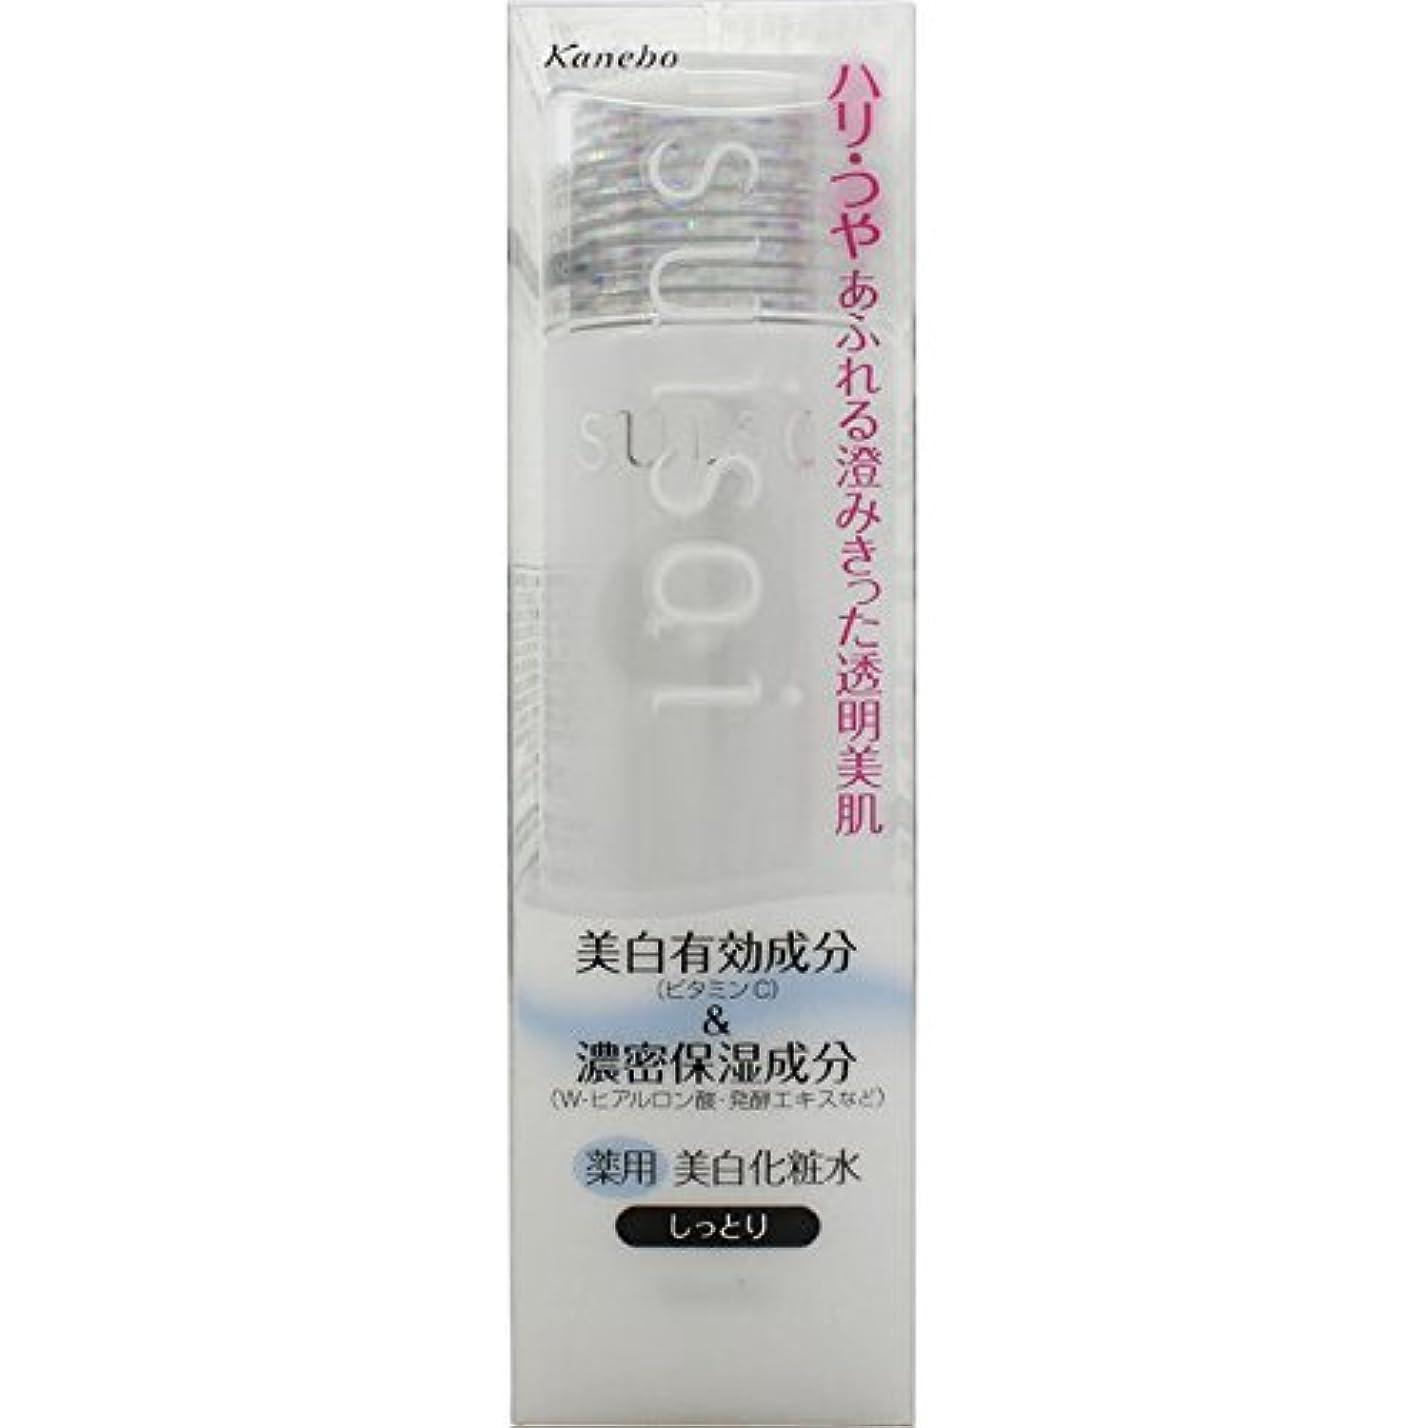 適合魅了する完璧カネボウ suisai スイサイホワイトニングローションII (しっとり) 150ml